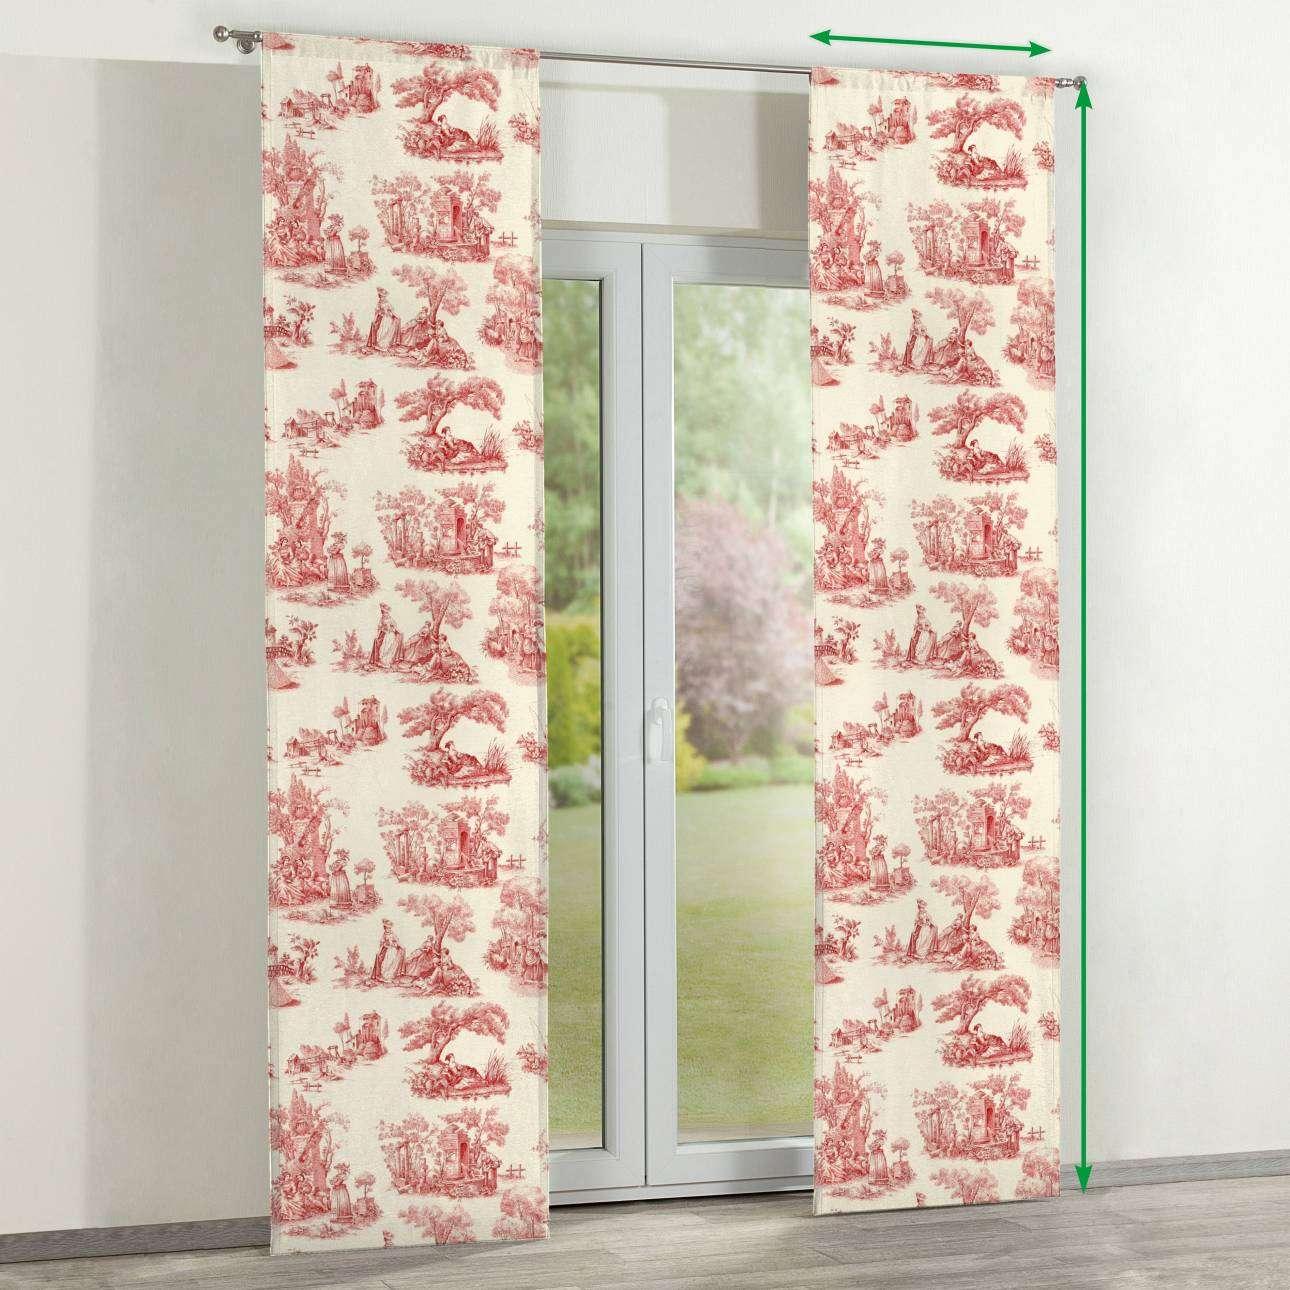 Lapfüggöny 2 darabos a kollekcióból Avinon Lakástextil, Dekoranyag: 132-15